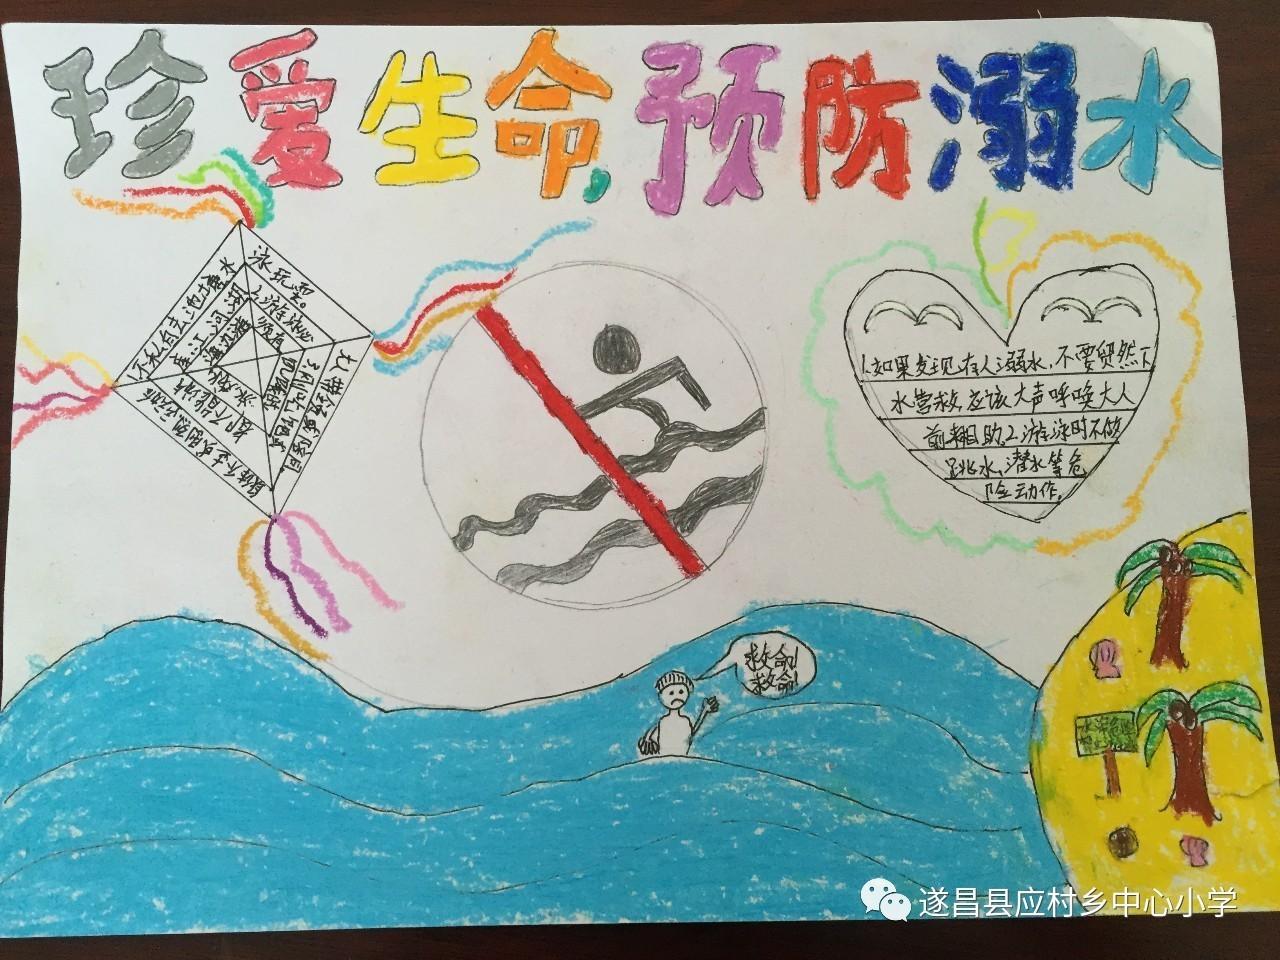 """【桃溪竹韵】开展""""珍爱生命,预防溺水""""手抄报展览活动"""